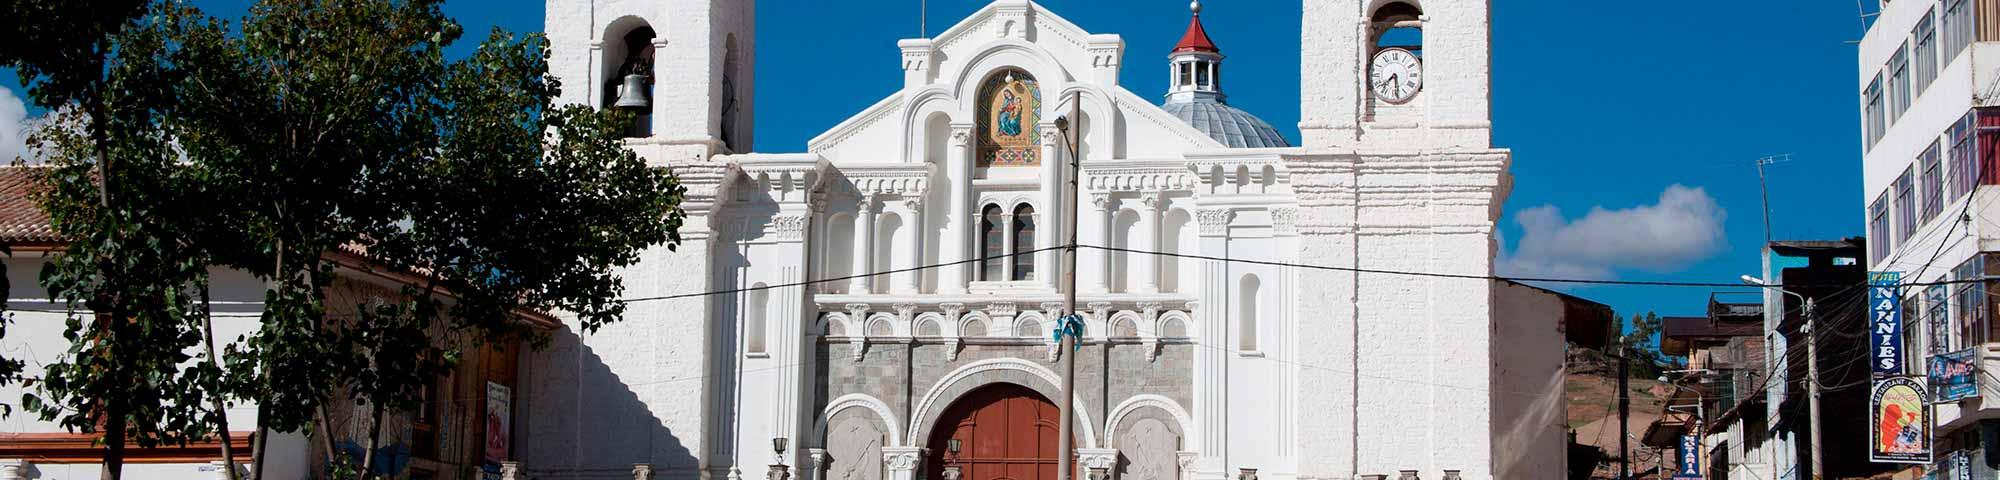 Iglesia Matriz Santa Fe de Jauja